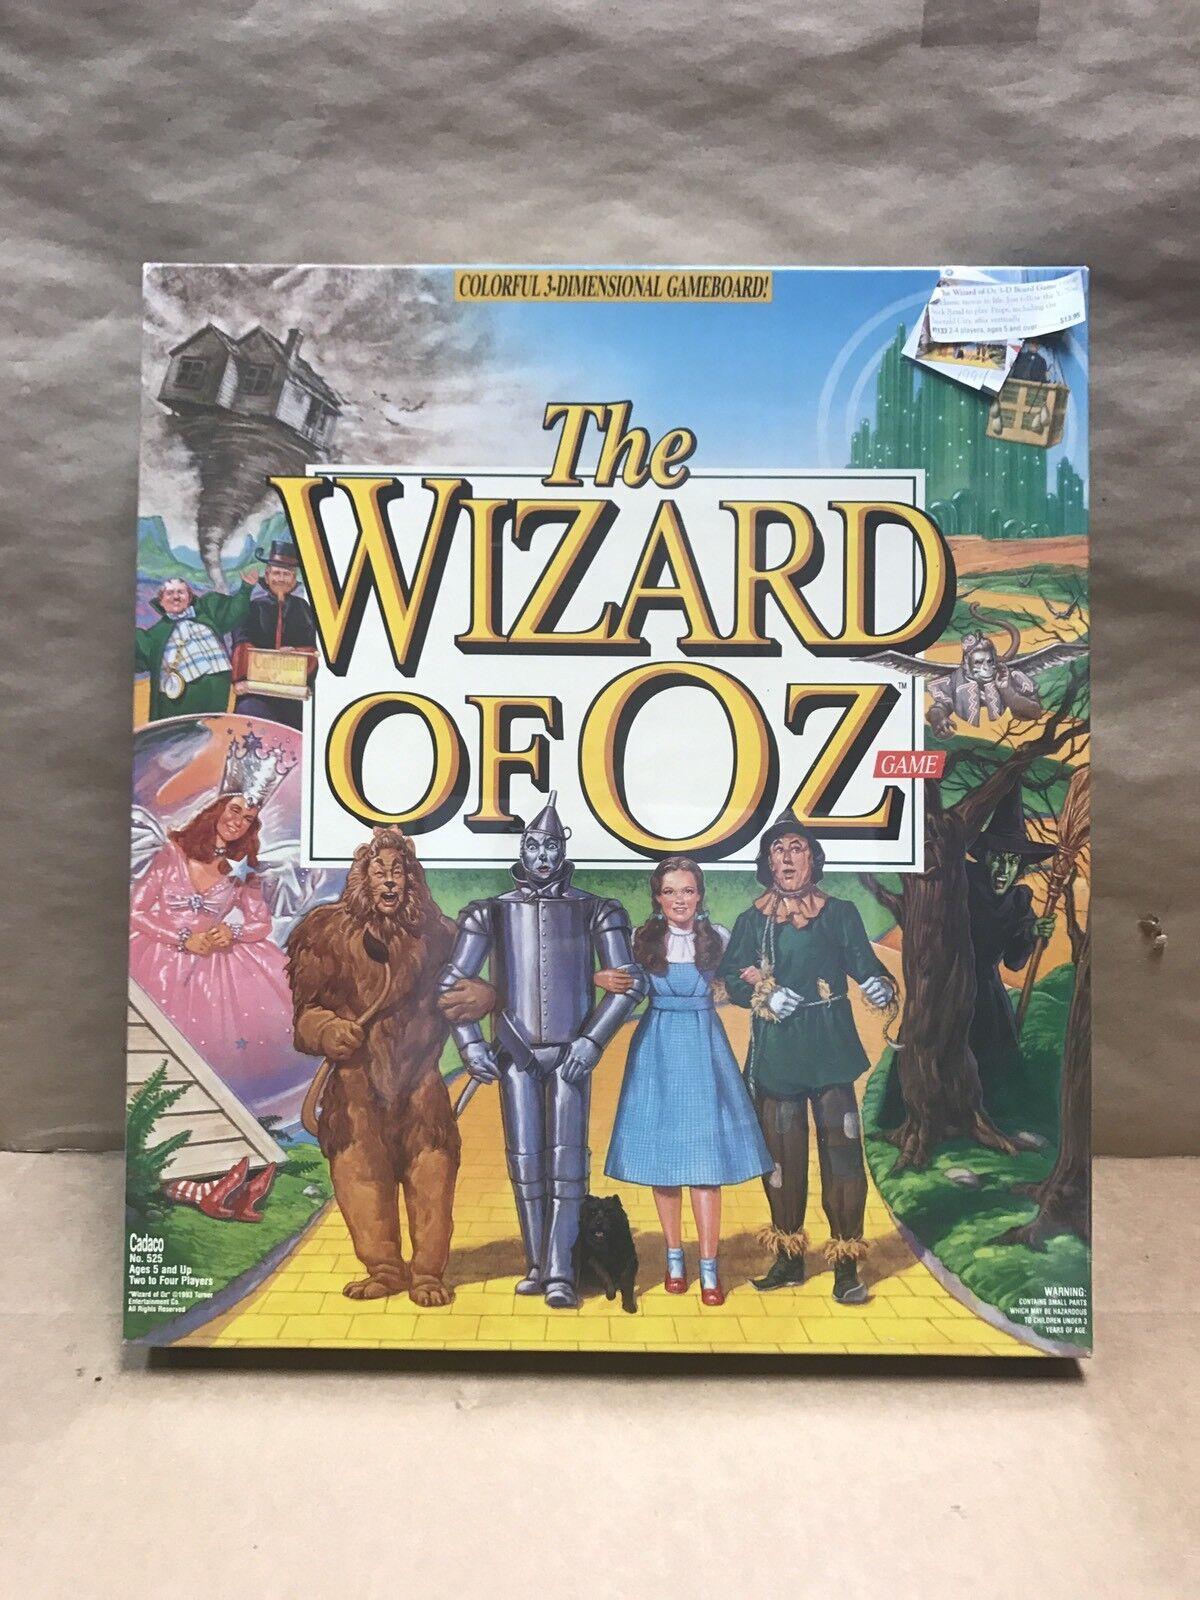 El Mago de Oz Colorido 3-dimensional Juego de Mesa por Cadaco 1993 Sellado Nuevo